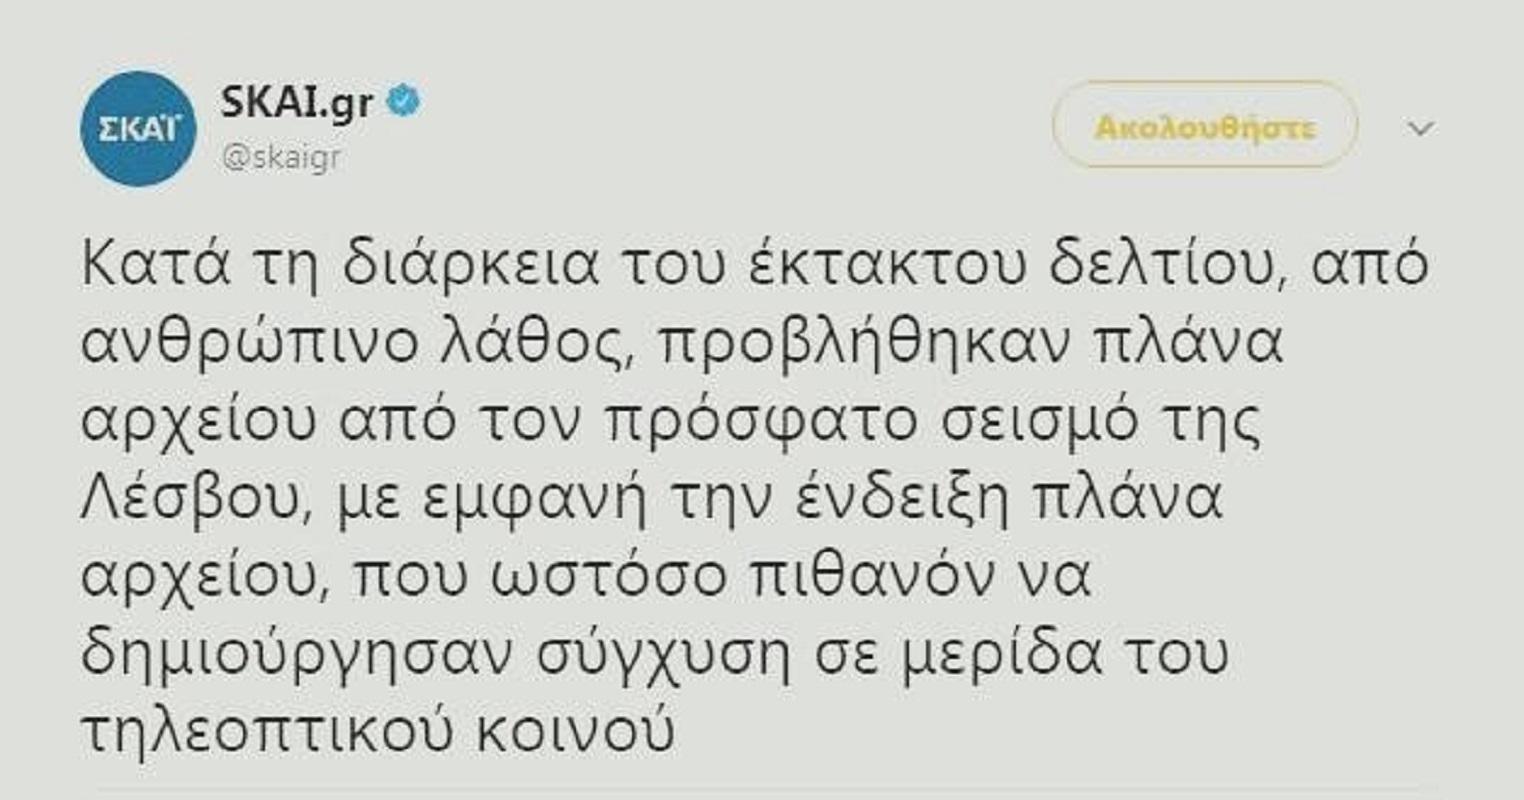 """Ειλικρινής απάντηση του Σκάι στον λαό: """"Δεν φταίμε εμείς που σας εξαπατούμε, φταίτε εσείς που την πατάτε"""""""